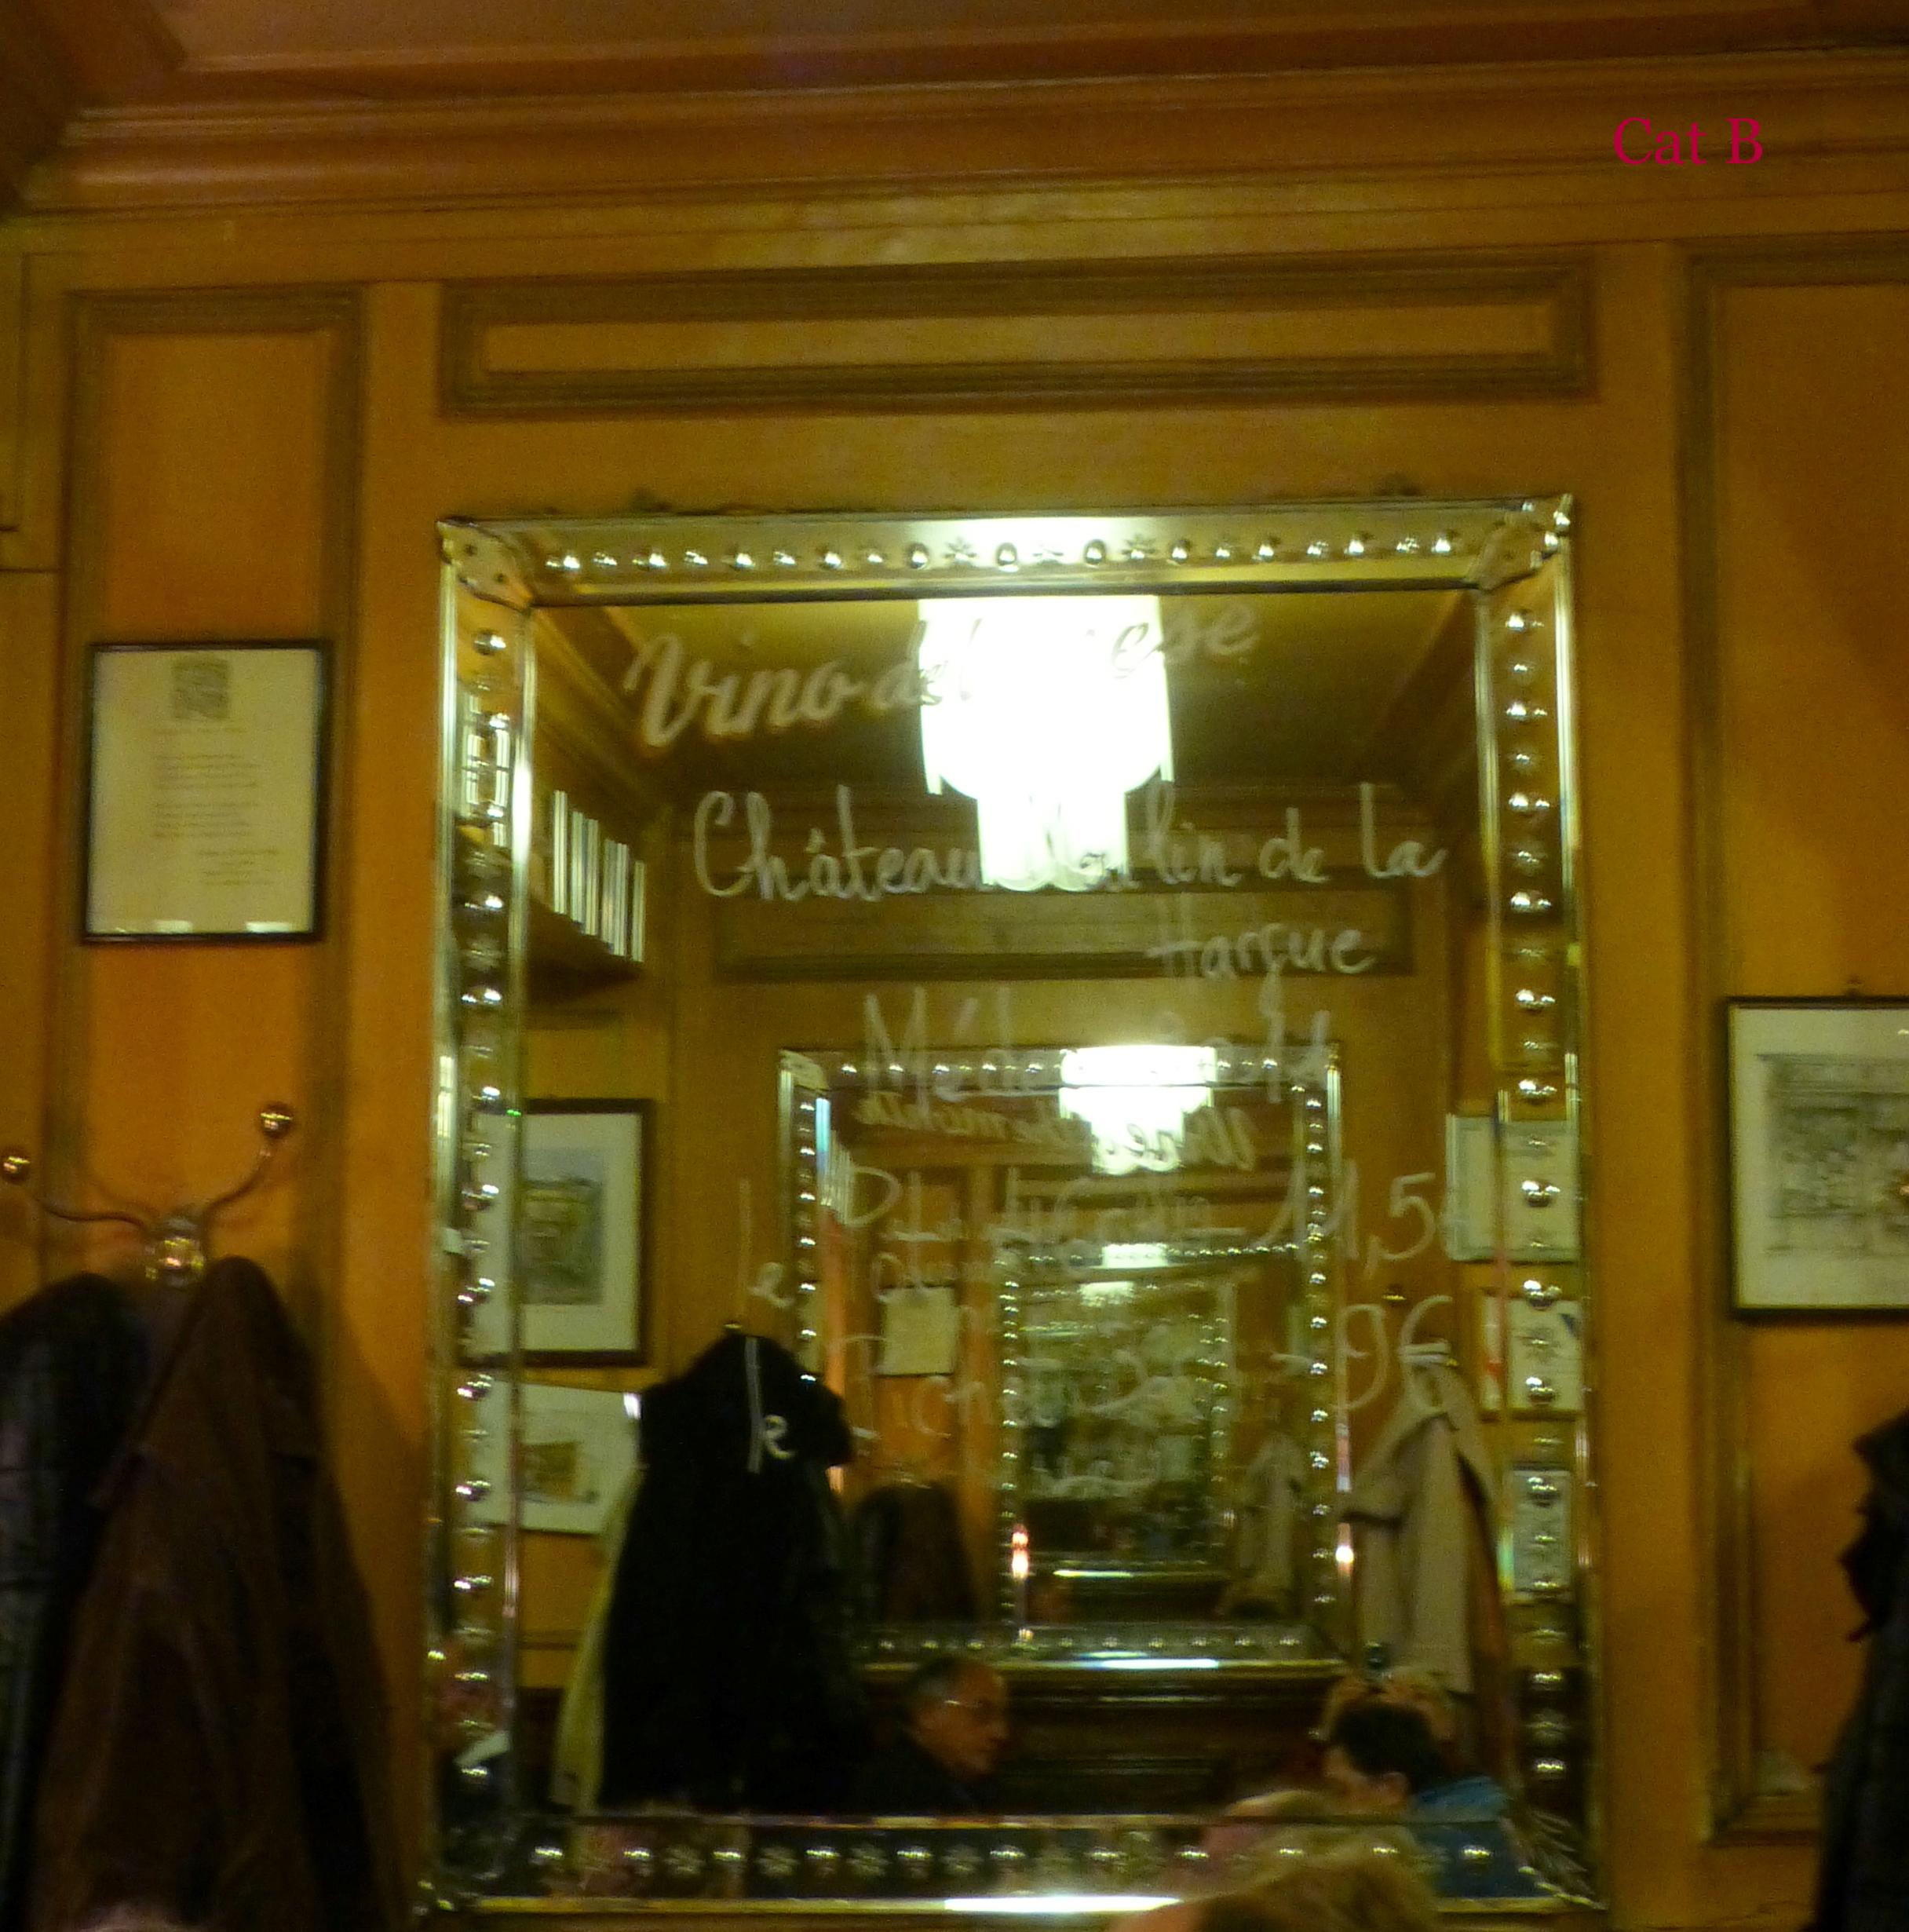 Le miroir catherine burg artwork celeste prize for Miroir paris france